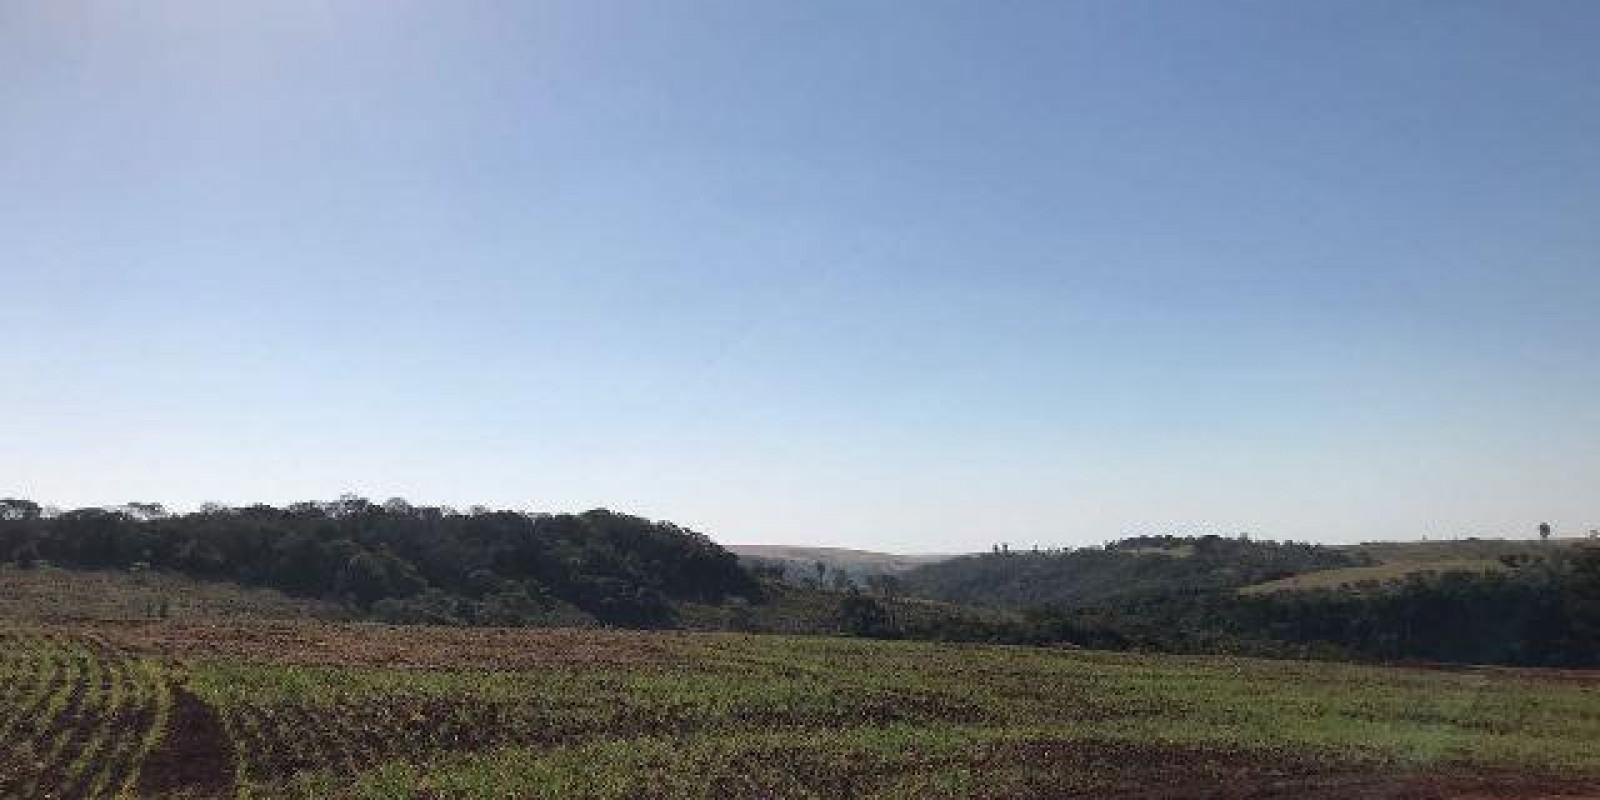 Fazenda de 40 Alqueires, Município de Sarutaiá Sp - Foto 1 de 20